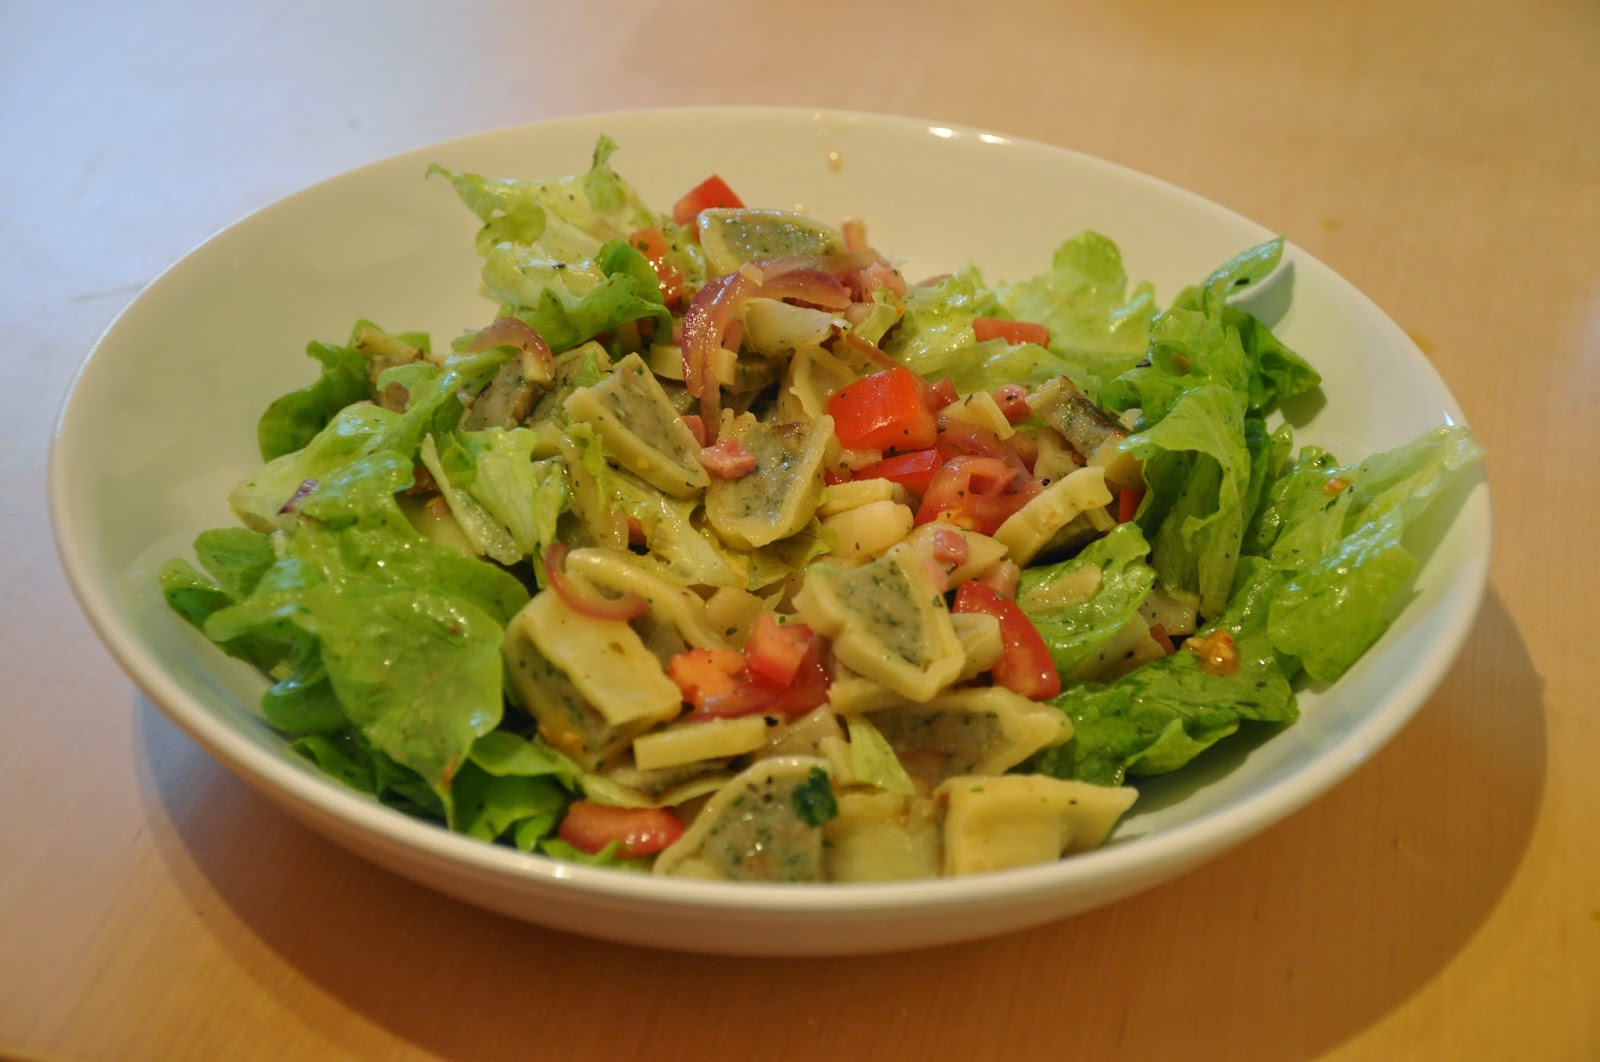 Spannenlanger Hansel, nudeldicke Dirn' - Leckere Birnenverwertung | Salat mit gebratenen Birnen, Speck und Maultaschenstreifen